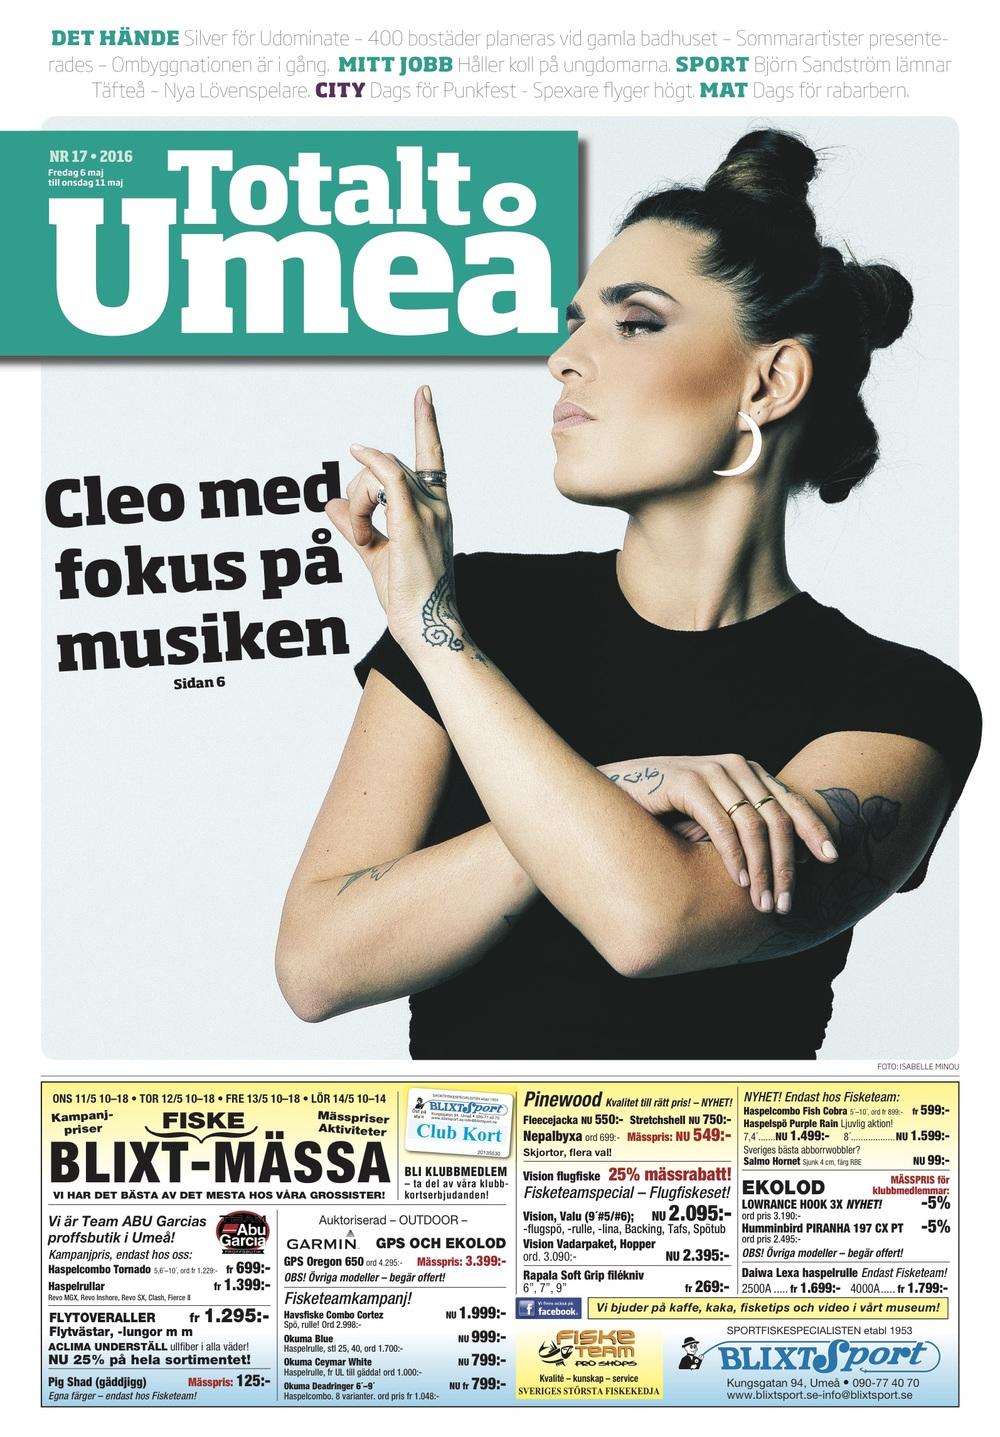 Totalt Umeå omslag - Cleo.jpg